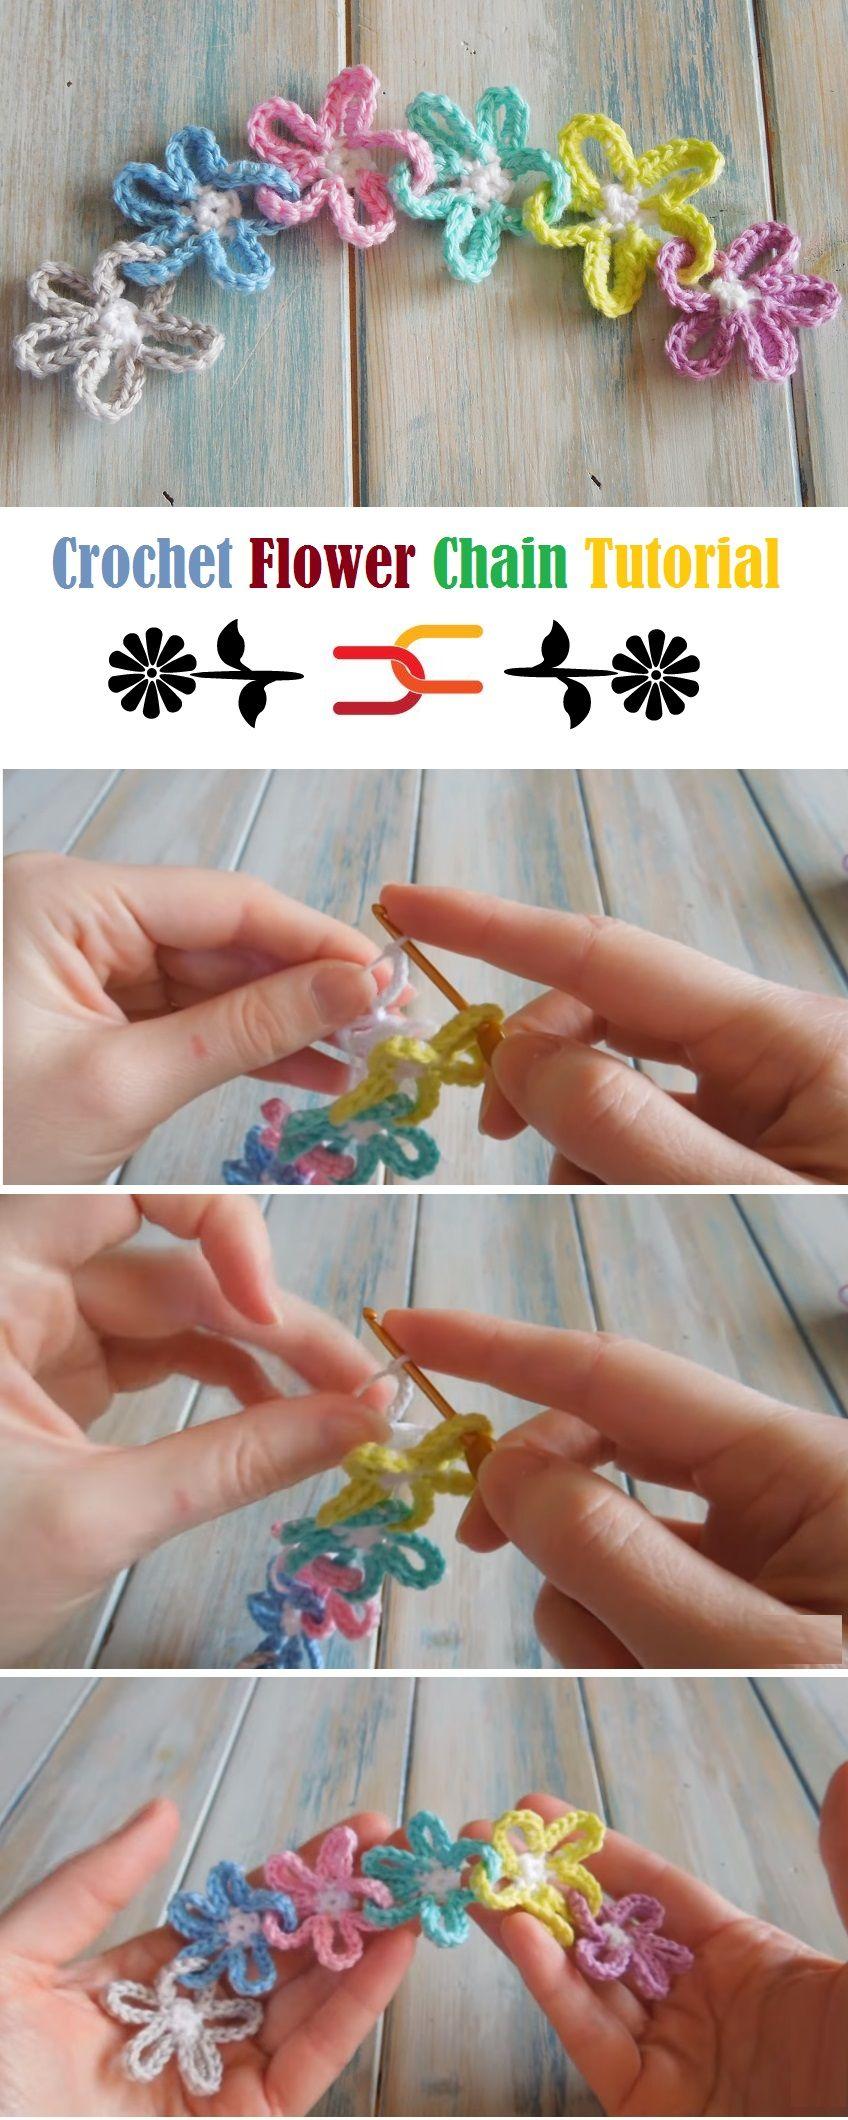 How To Crochet Flower Chain Crochet Pinterest Häkeln